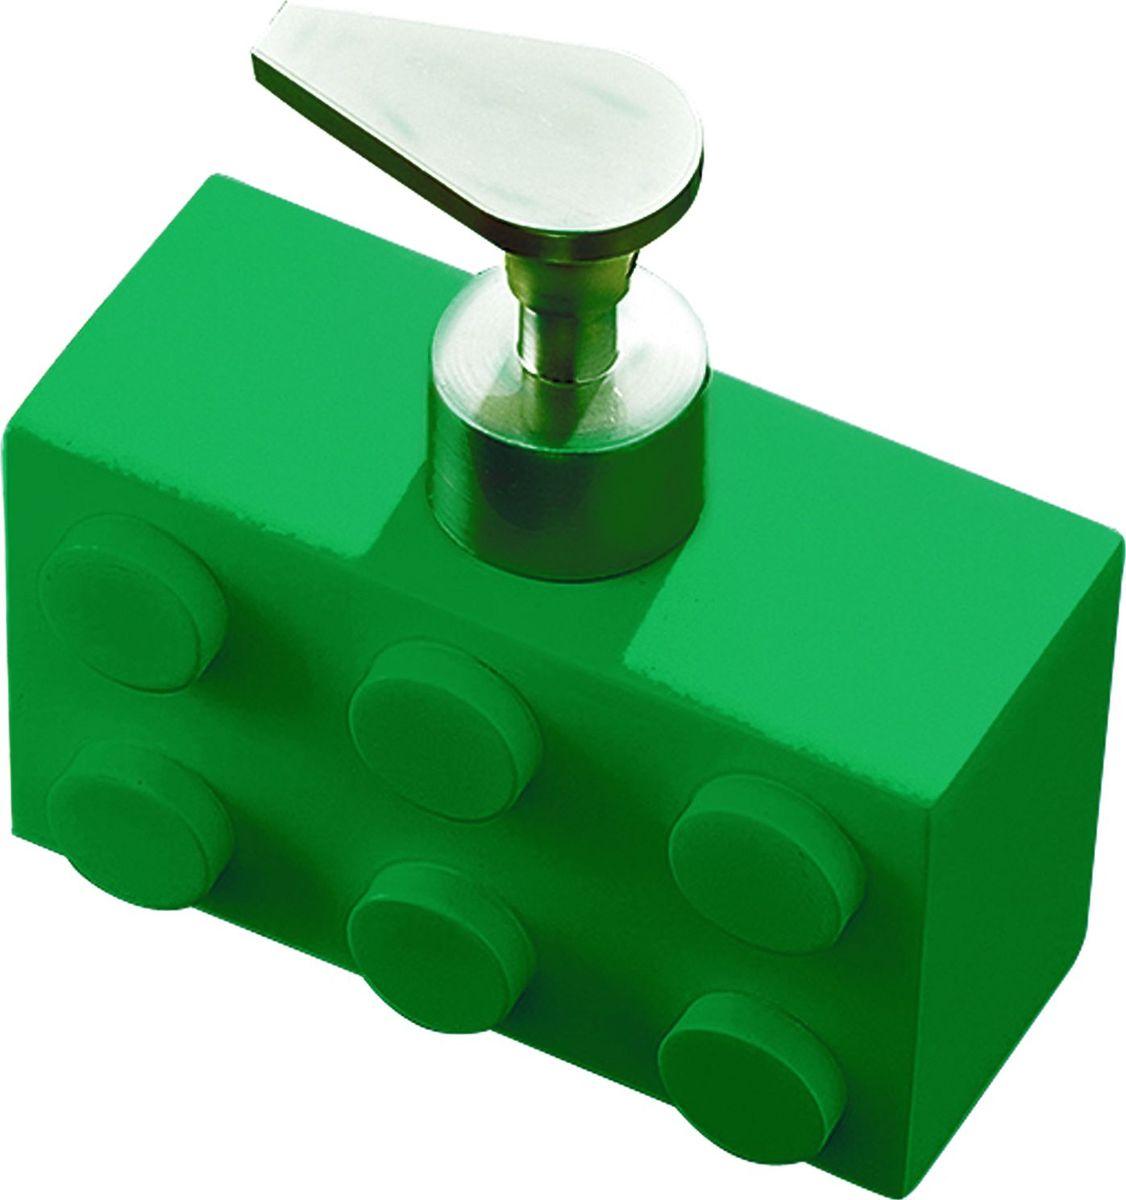 Дозатор для жидкого мыла Ridder Bob, цвет: зеленый, 280 млRG-D31SДозатор для жидкого мыла Ridder Bob, изготовленный из экологичной полирезины,отлично подойдет для вашей ванной комнаты.Такой аксессуар очень удобен в использовании,достаточно лишь перелить жидкое мыло вдозатор, а когда необходимо использованиемыла, легким нажатием выдавить нужноеколичество. Дозатор для жидкого мыла Ridder Bobсоздаст особую атмосферу уюта и максимальногокомфорта в ванной.Объем дозатора: 280 мл.